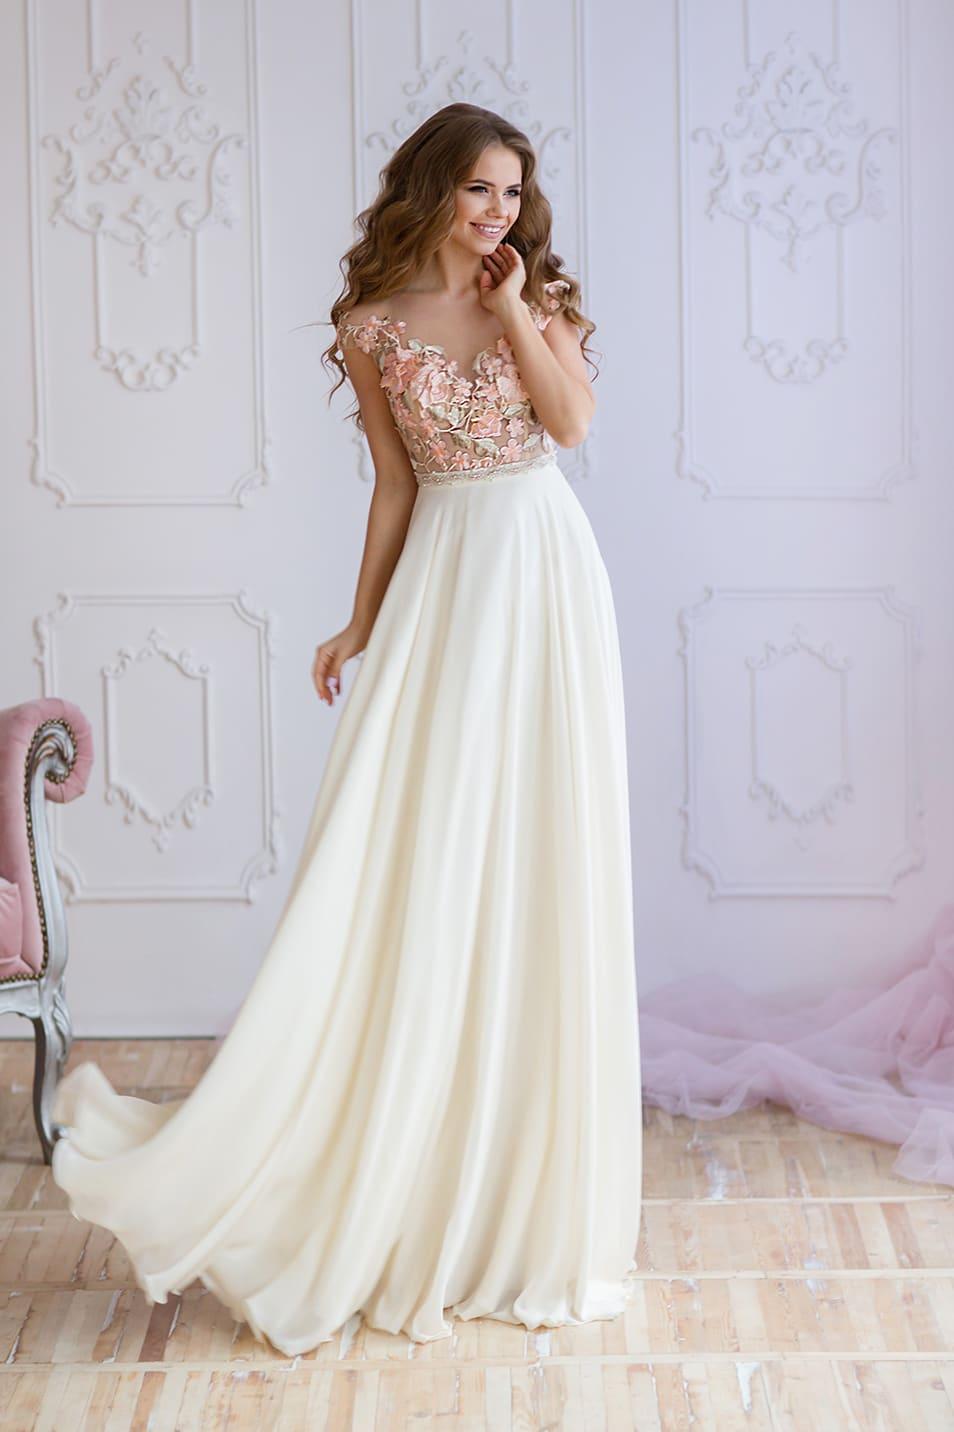 cd4bebccb9e2 Платье с полупрозрачным верхом Valentina Gladun Fontella белое ...